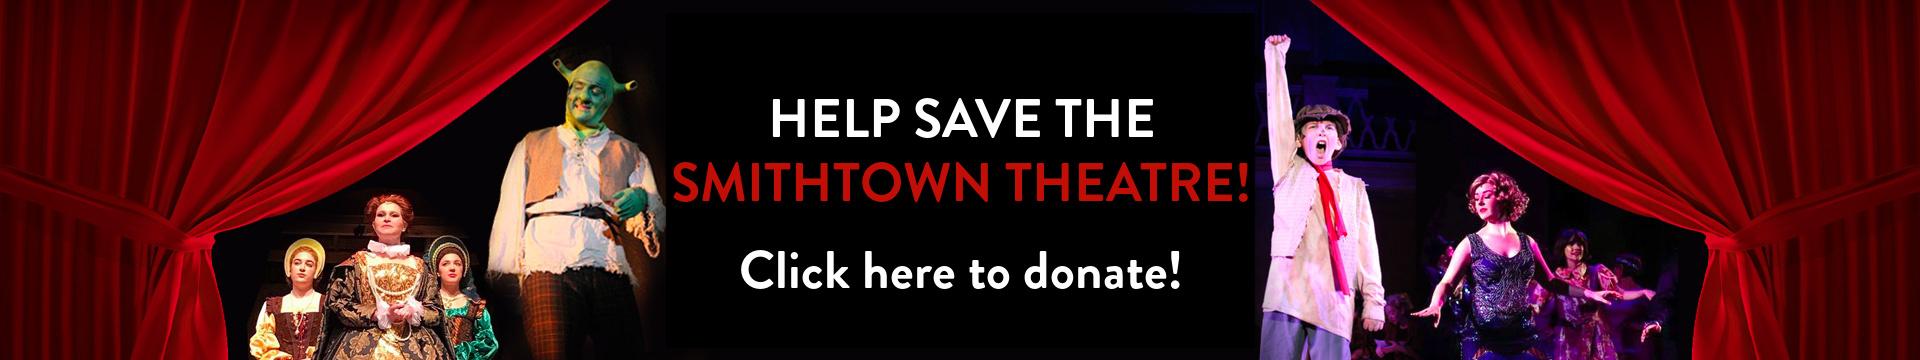 Save the Smithtown Theatre